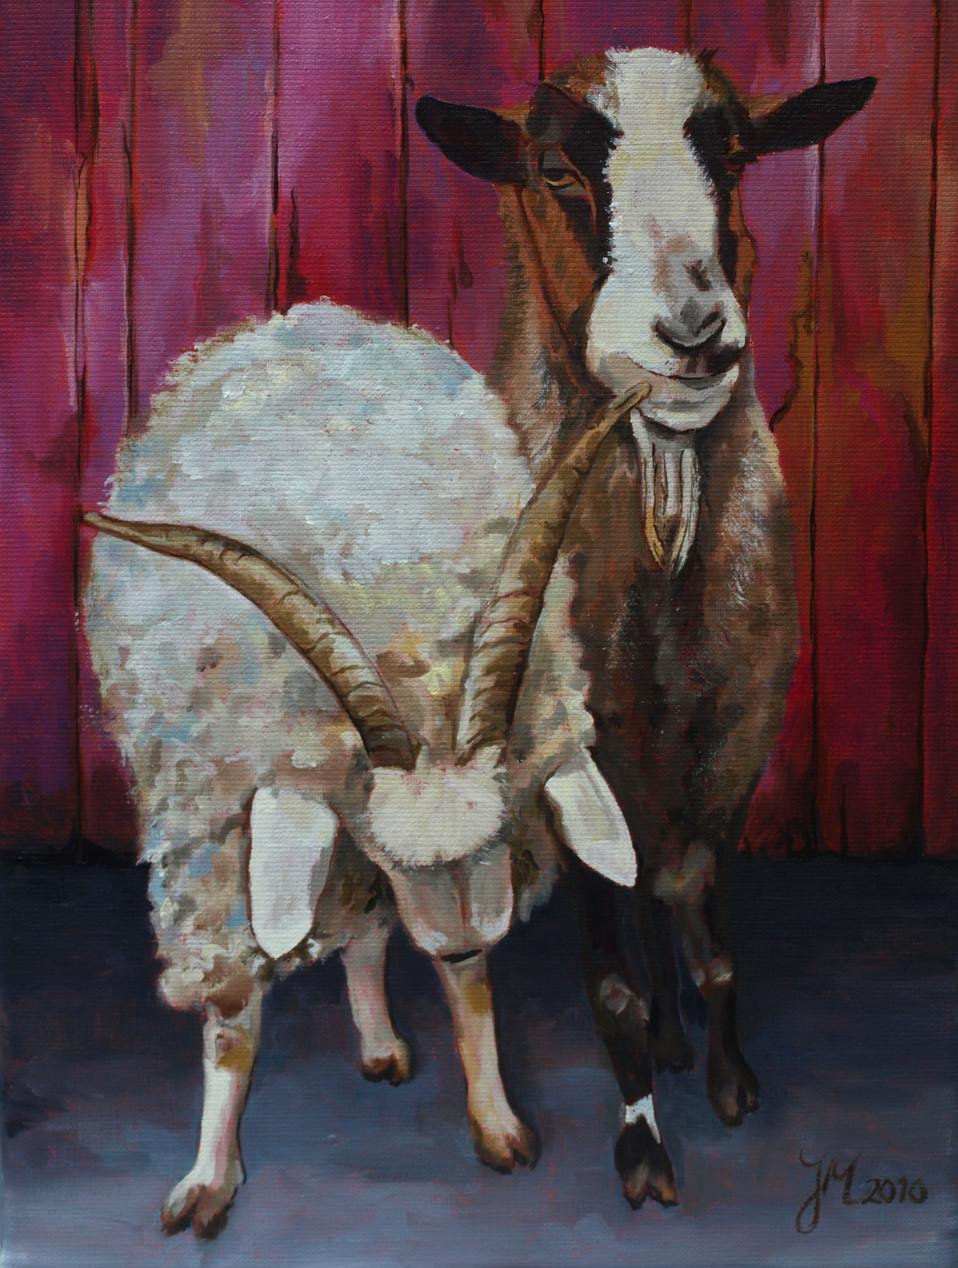 De geiten van de buren - olieverf op linnen - 30x40cm